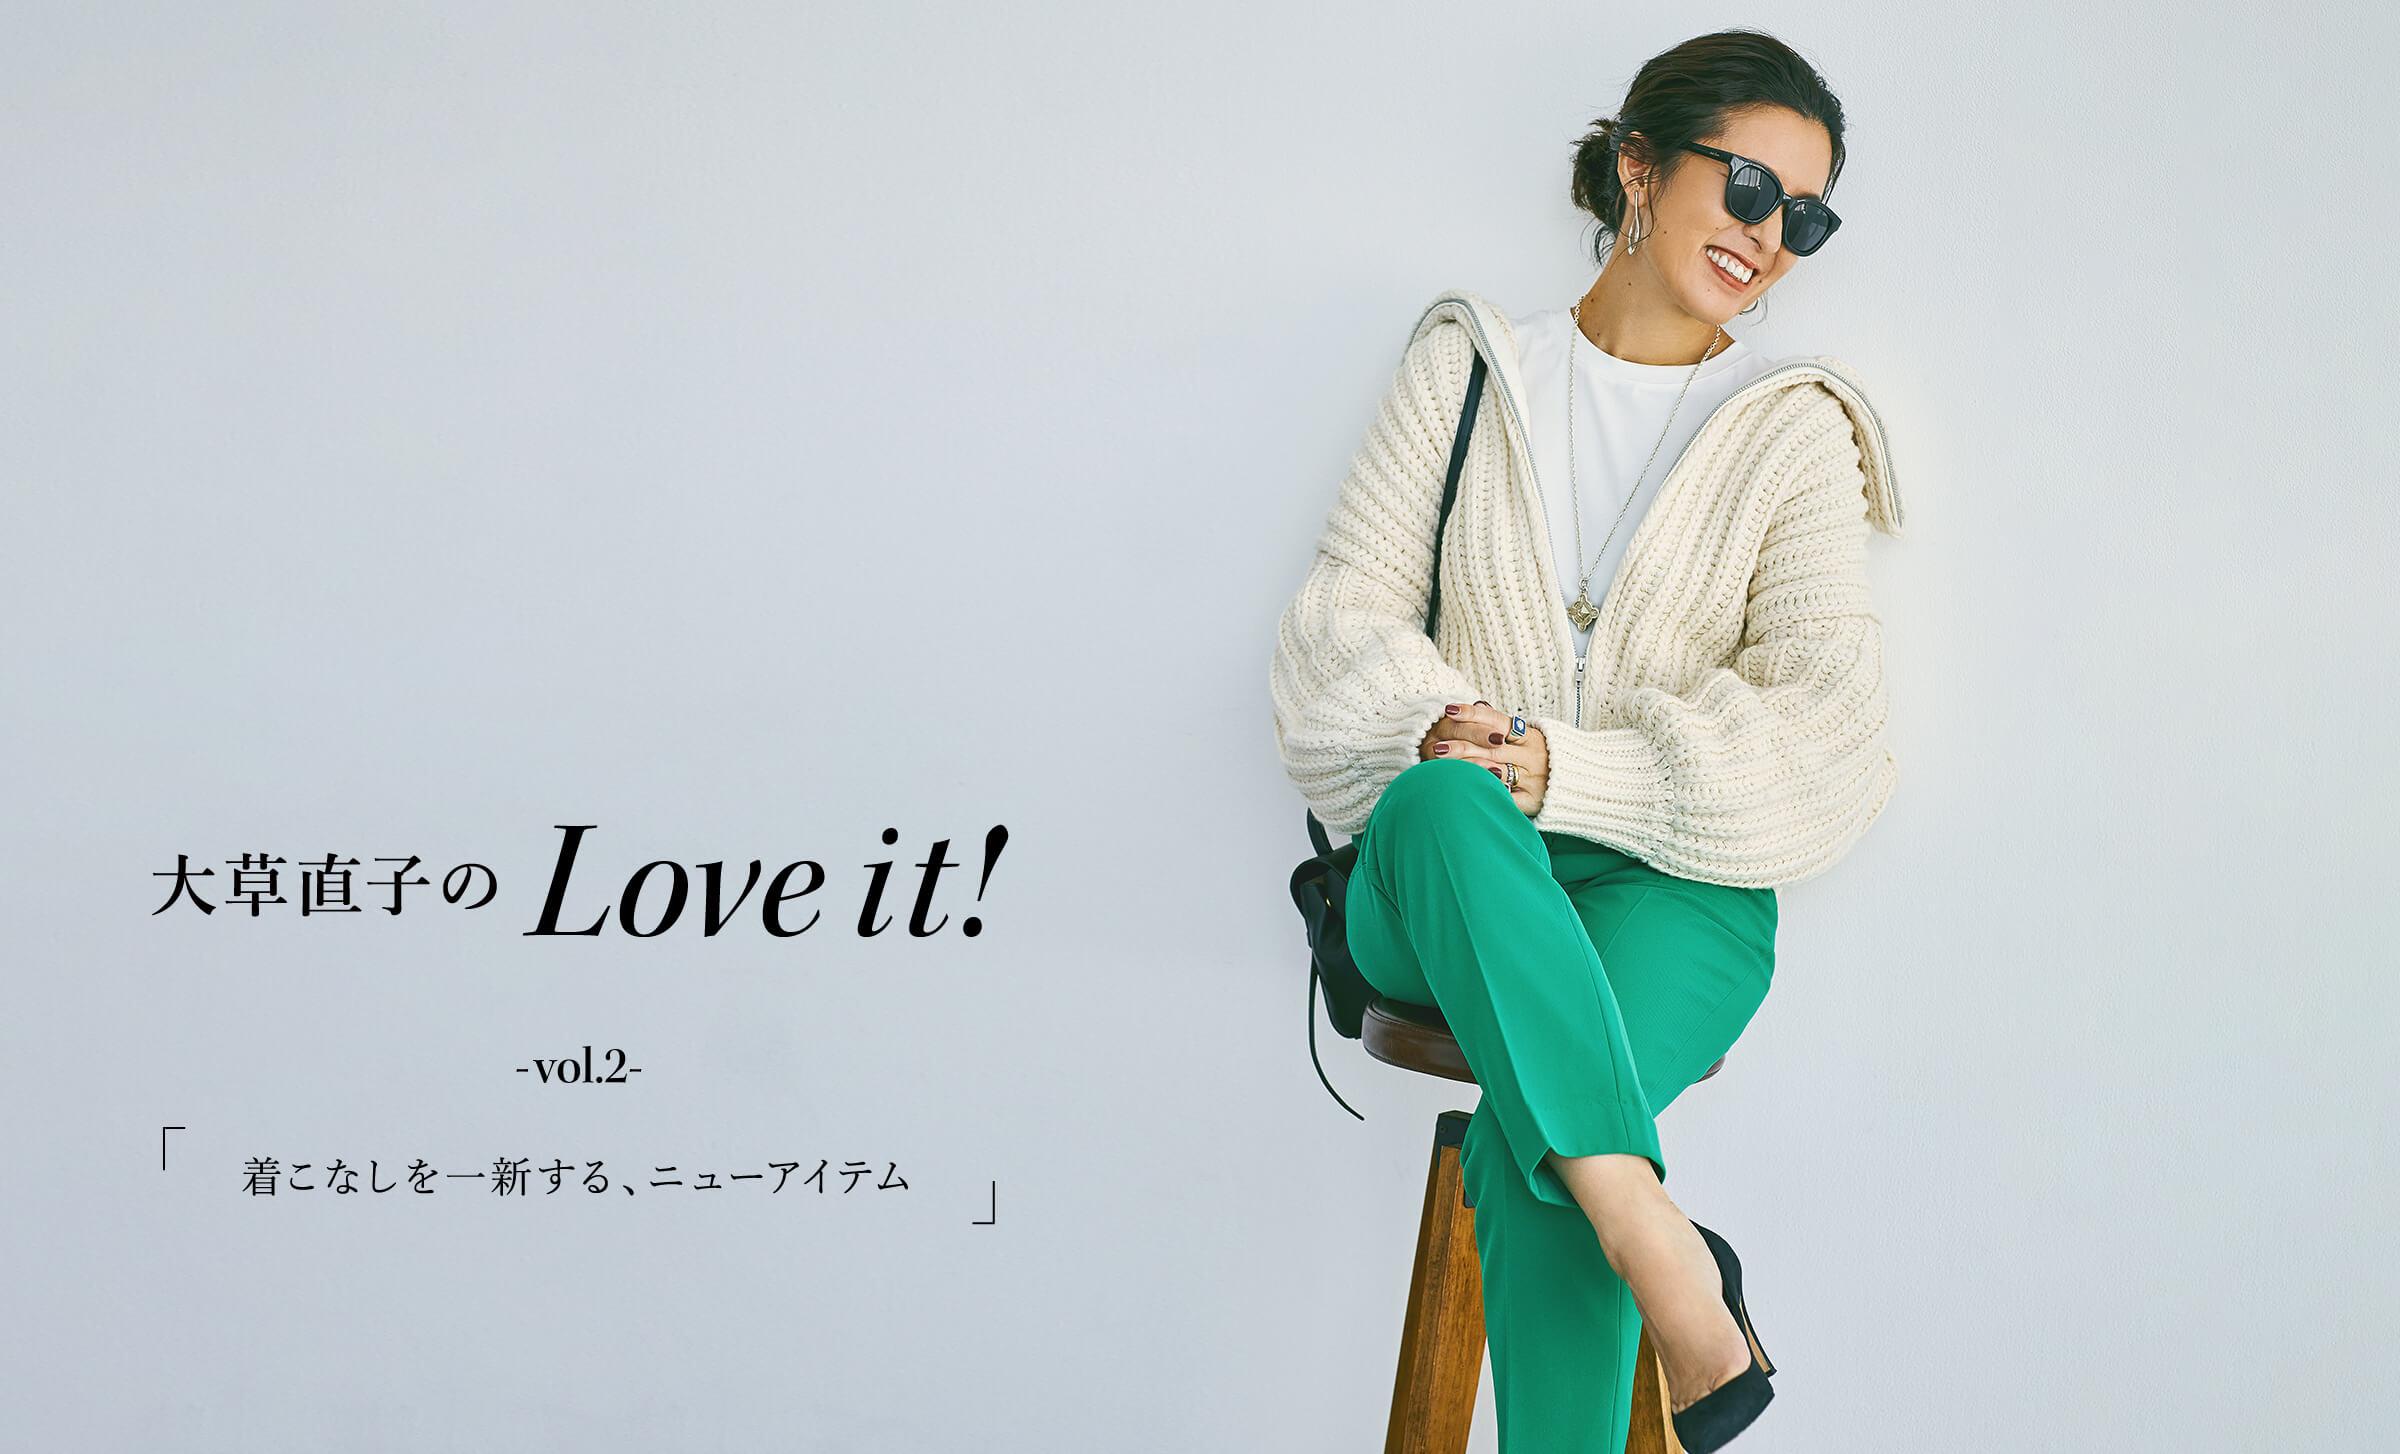 大草直子のLove it! -vol.2- 着こなしを一新する、ニューアイテム